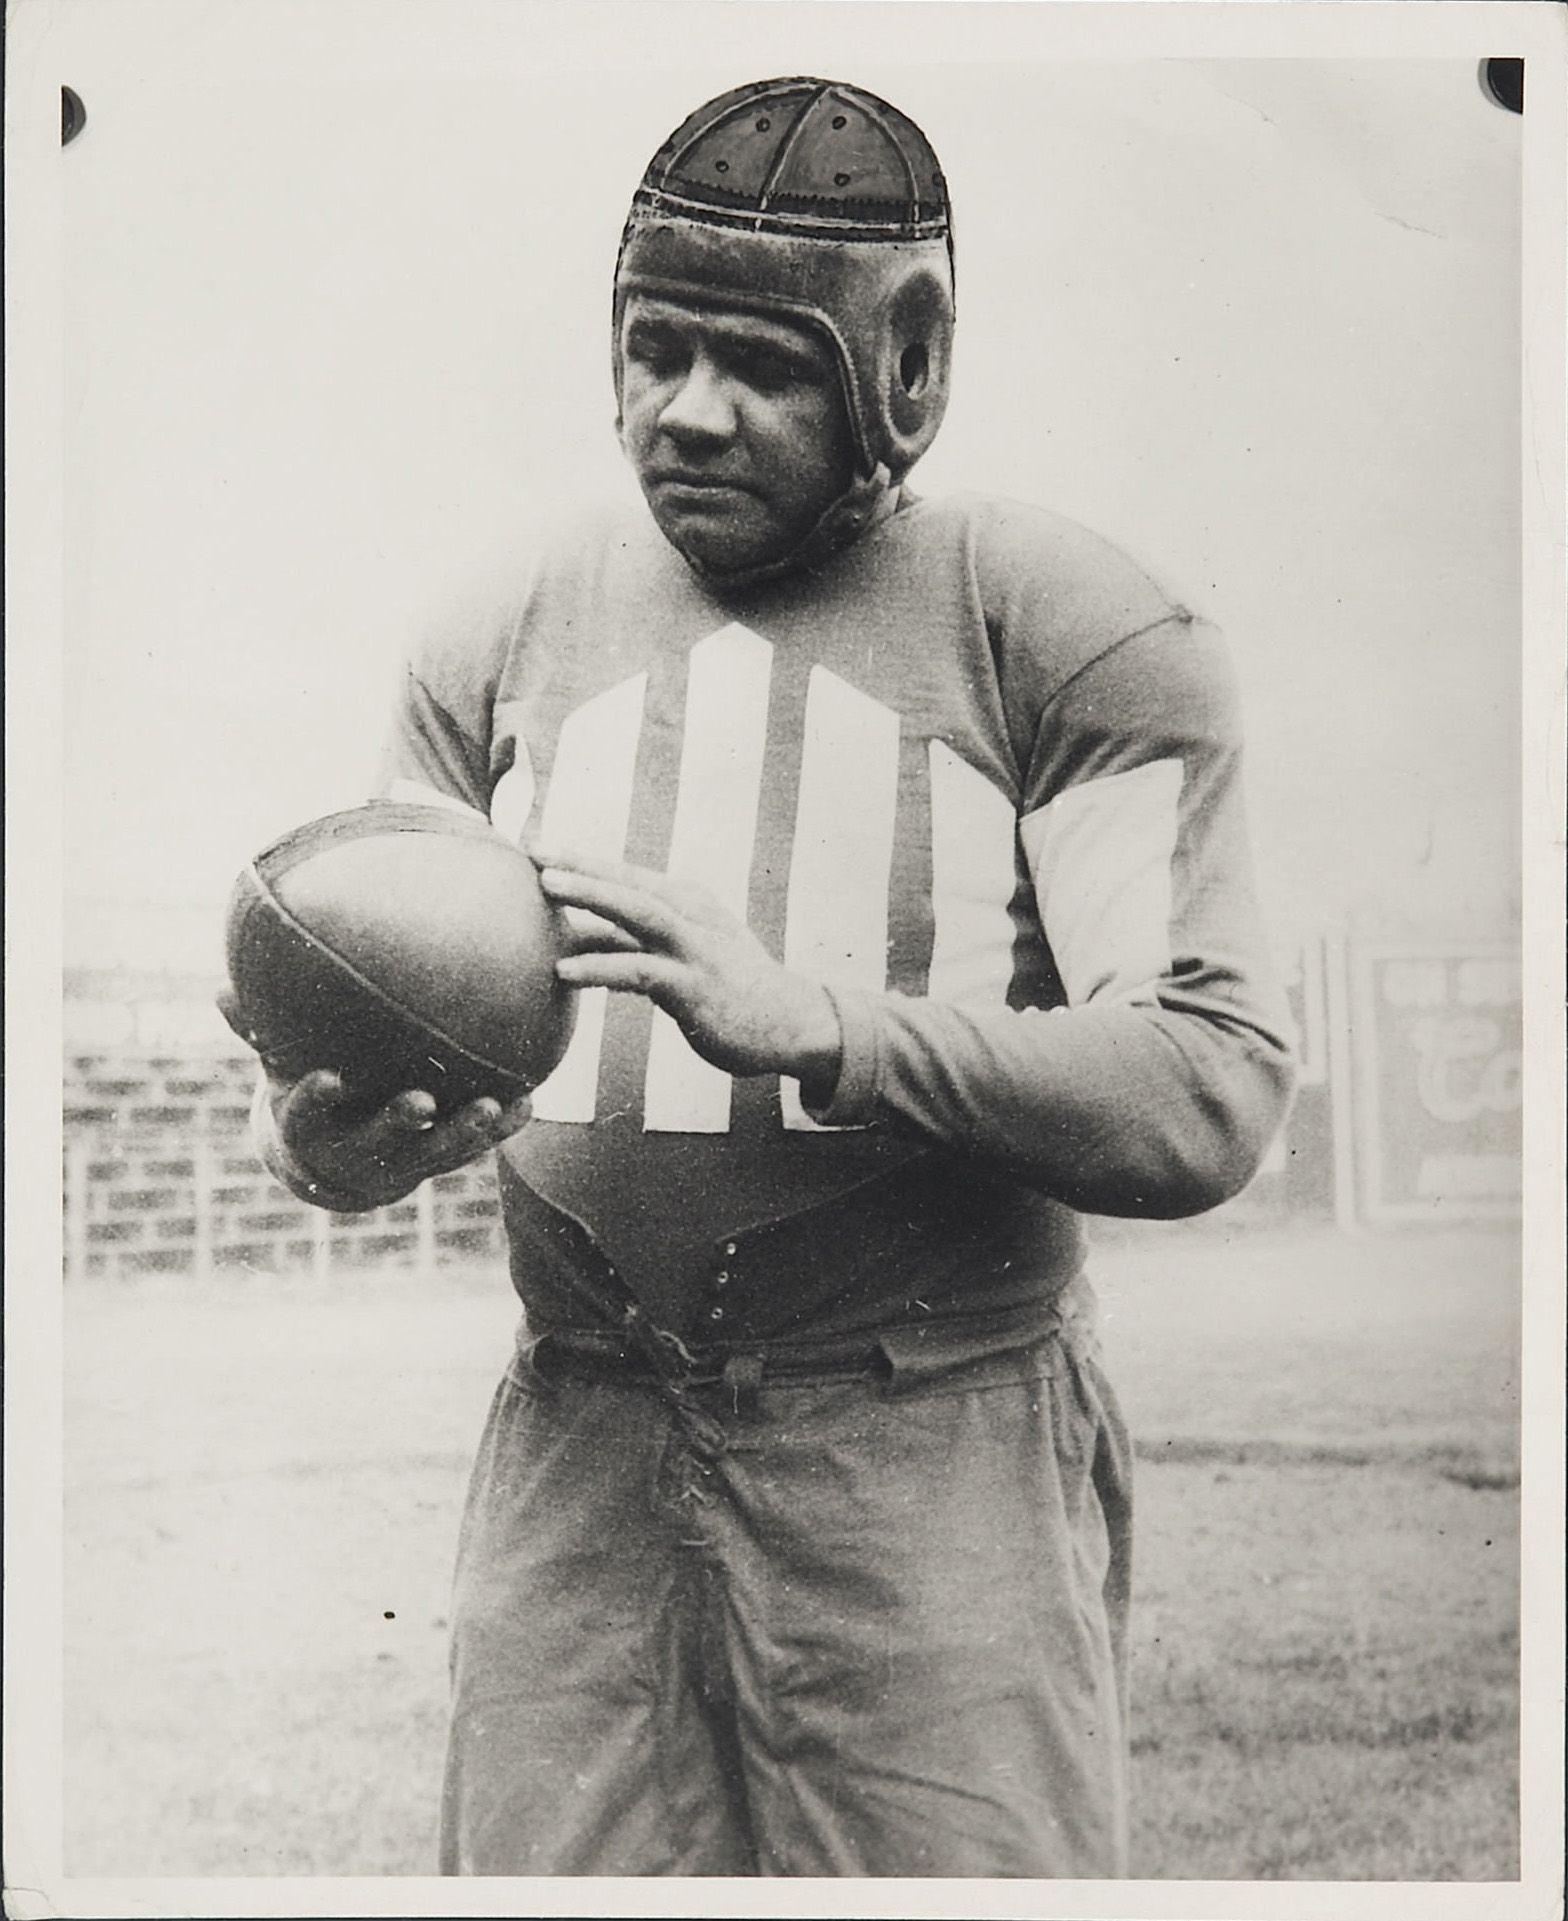 Babe Ruth Fodbold